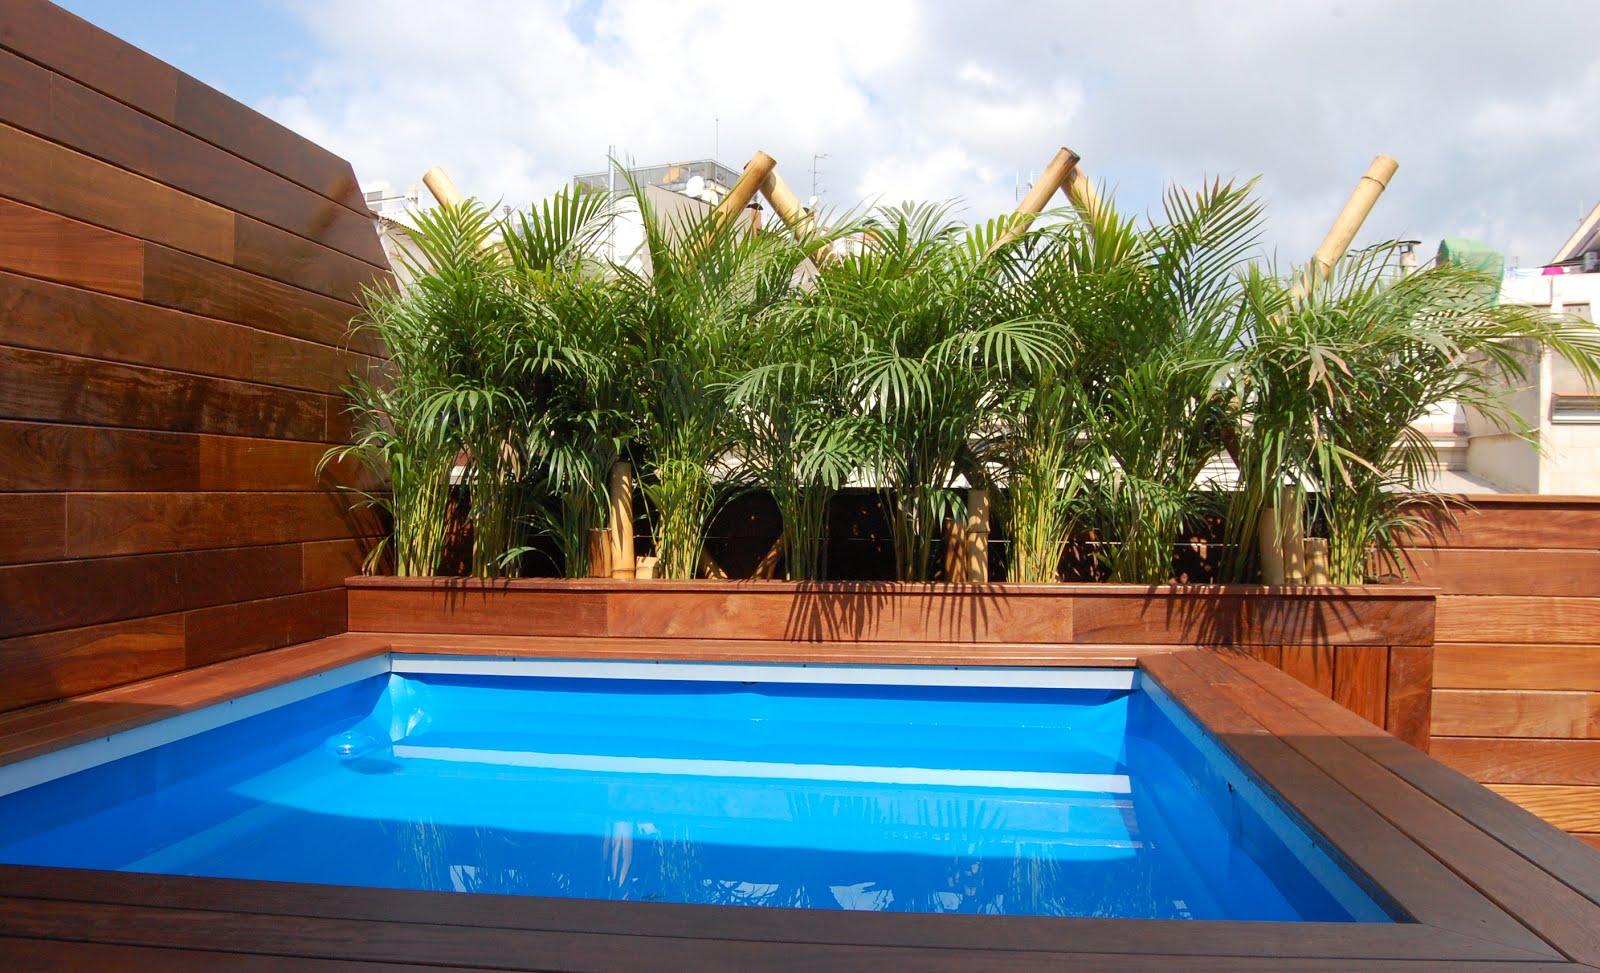 Terraza con piscina guia de jardin for Terrazas para piscinas elevadas